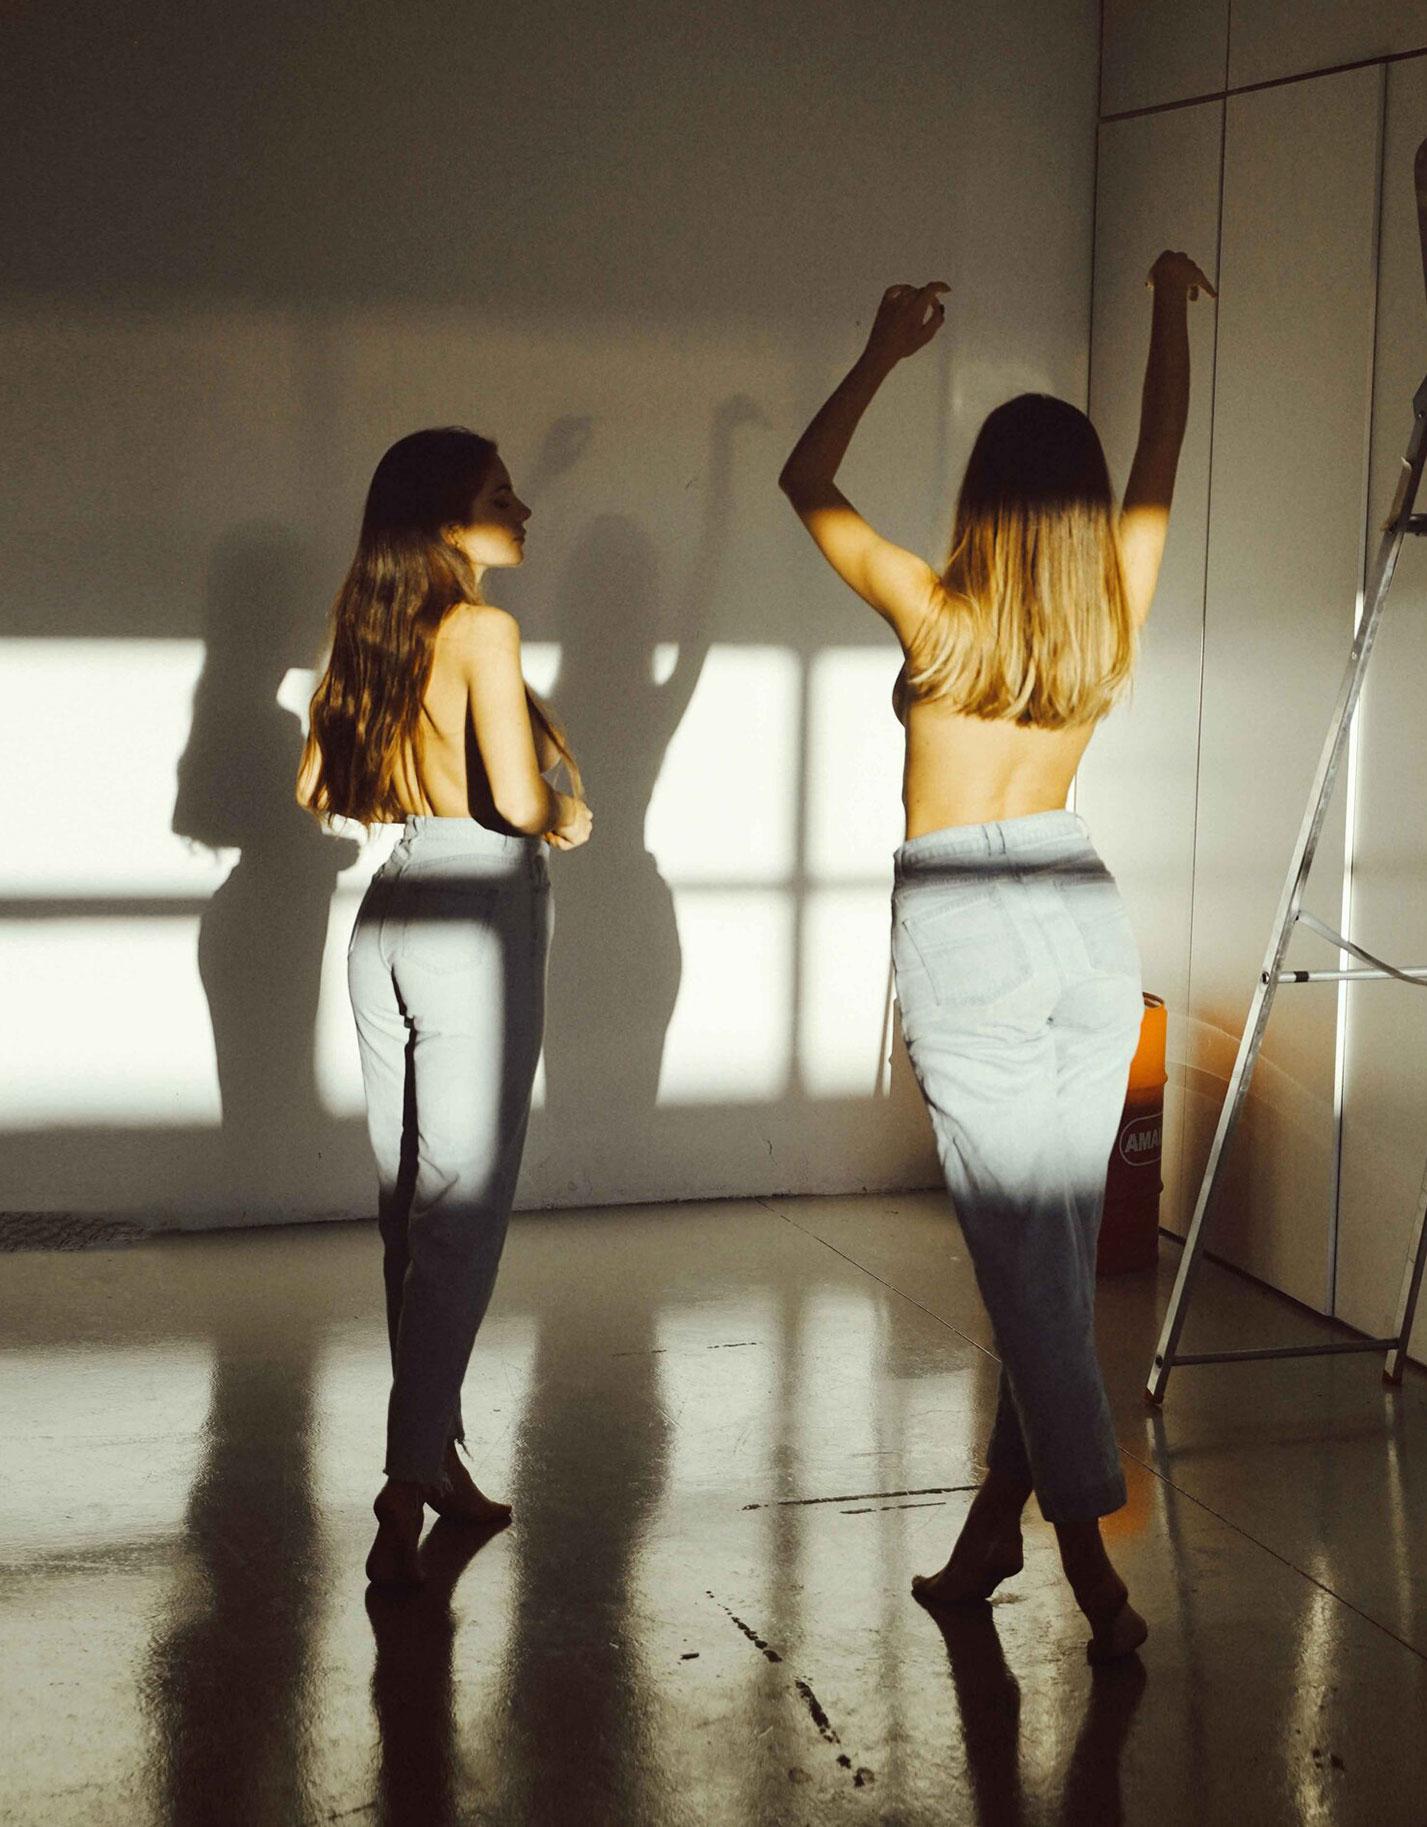 Девчонки развлекаются в гараже / фото 19